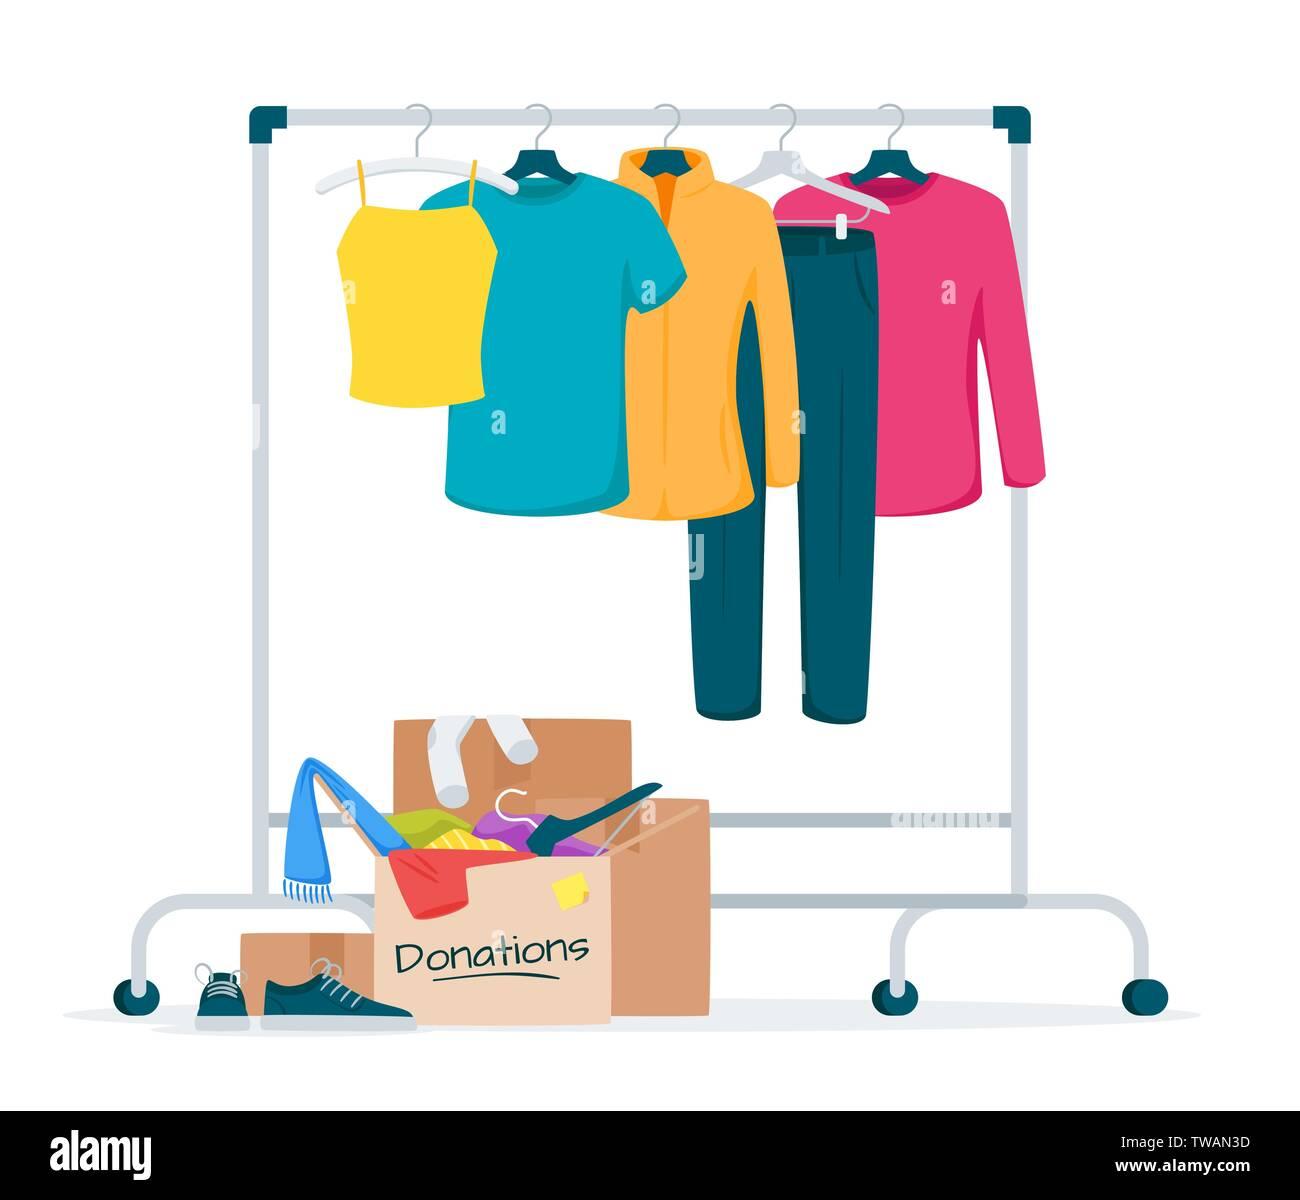 gebrauchte kleider spenden flachbild vector illustration